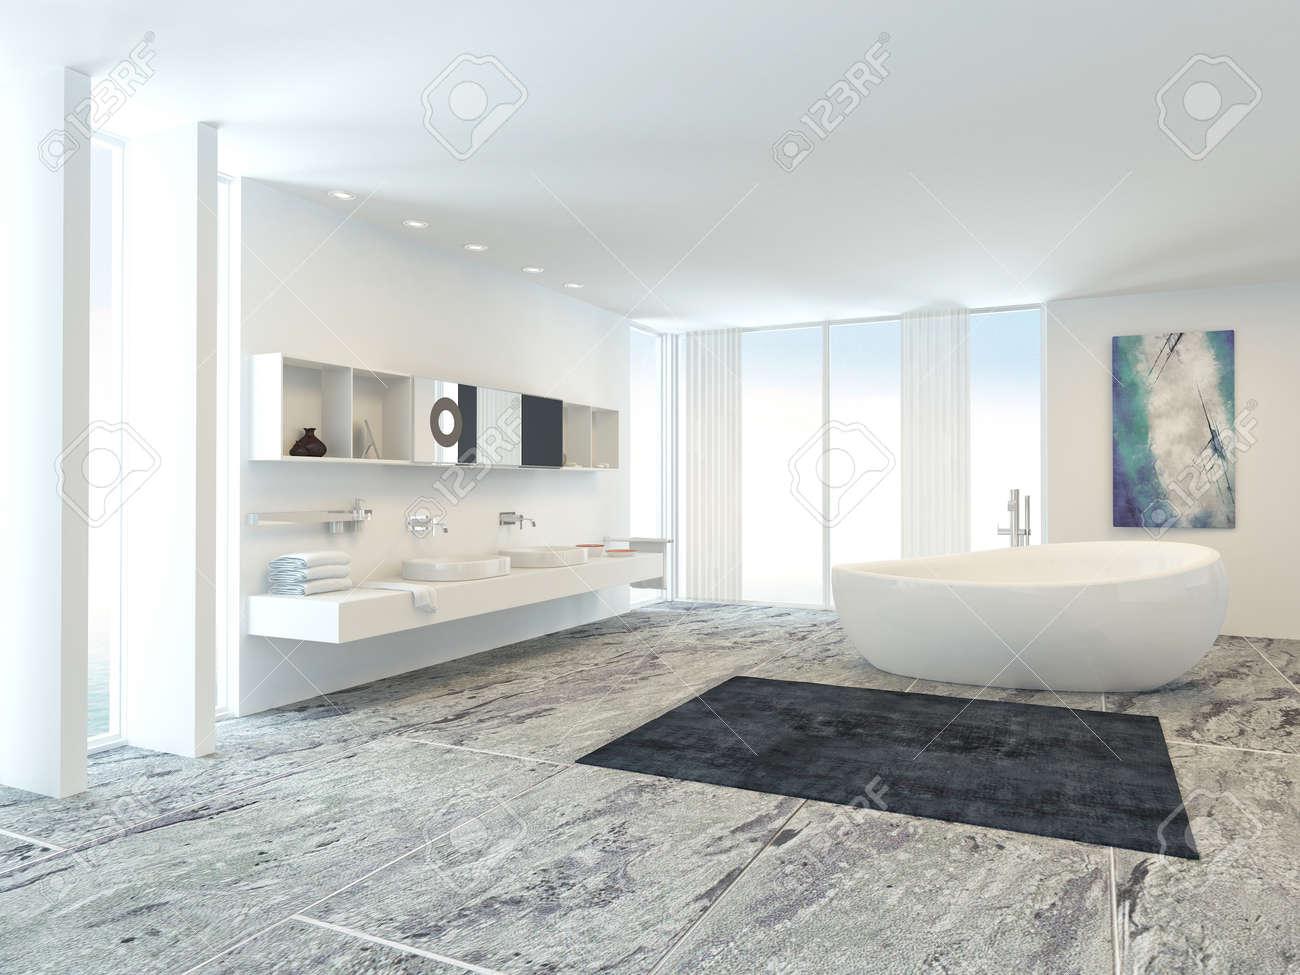 Luxus Hell Weiß Modernen Badezimmer Interieur Mit Einer Freistehenden  Badewanne Und Wand Doppelwaschtisch, Langen Fenstern